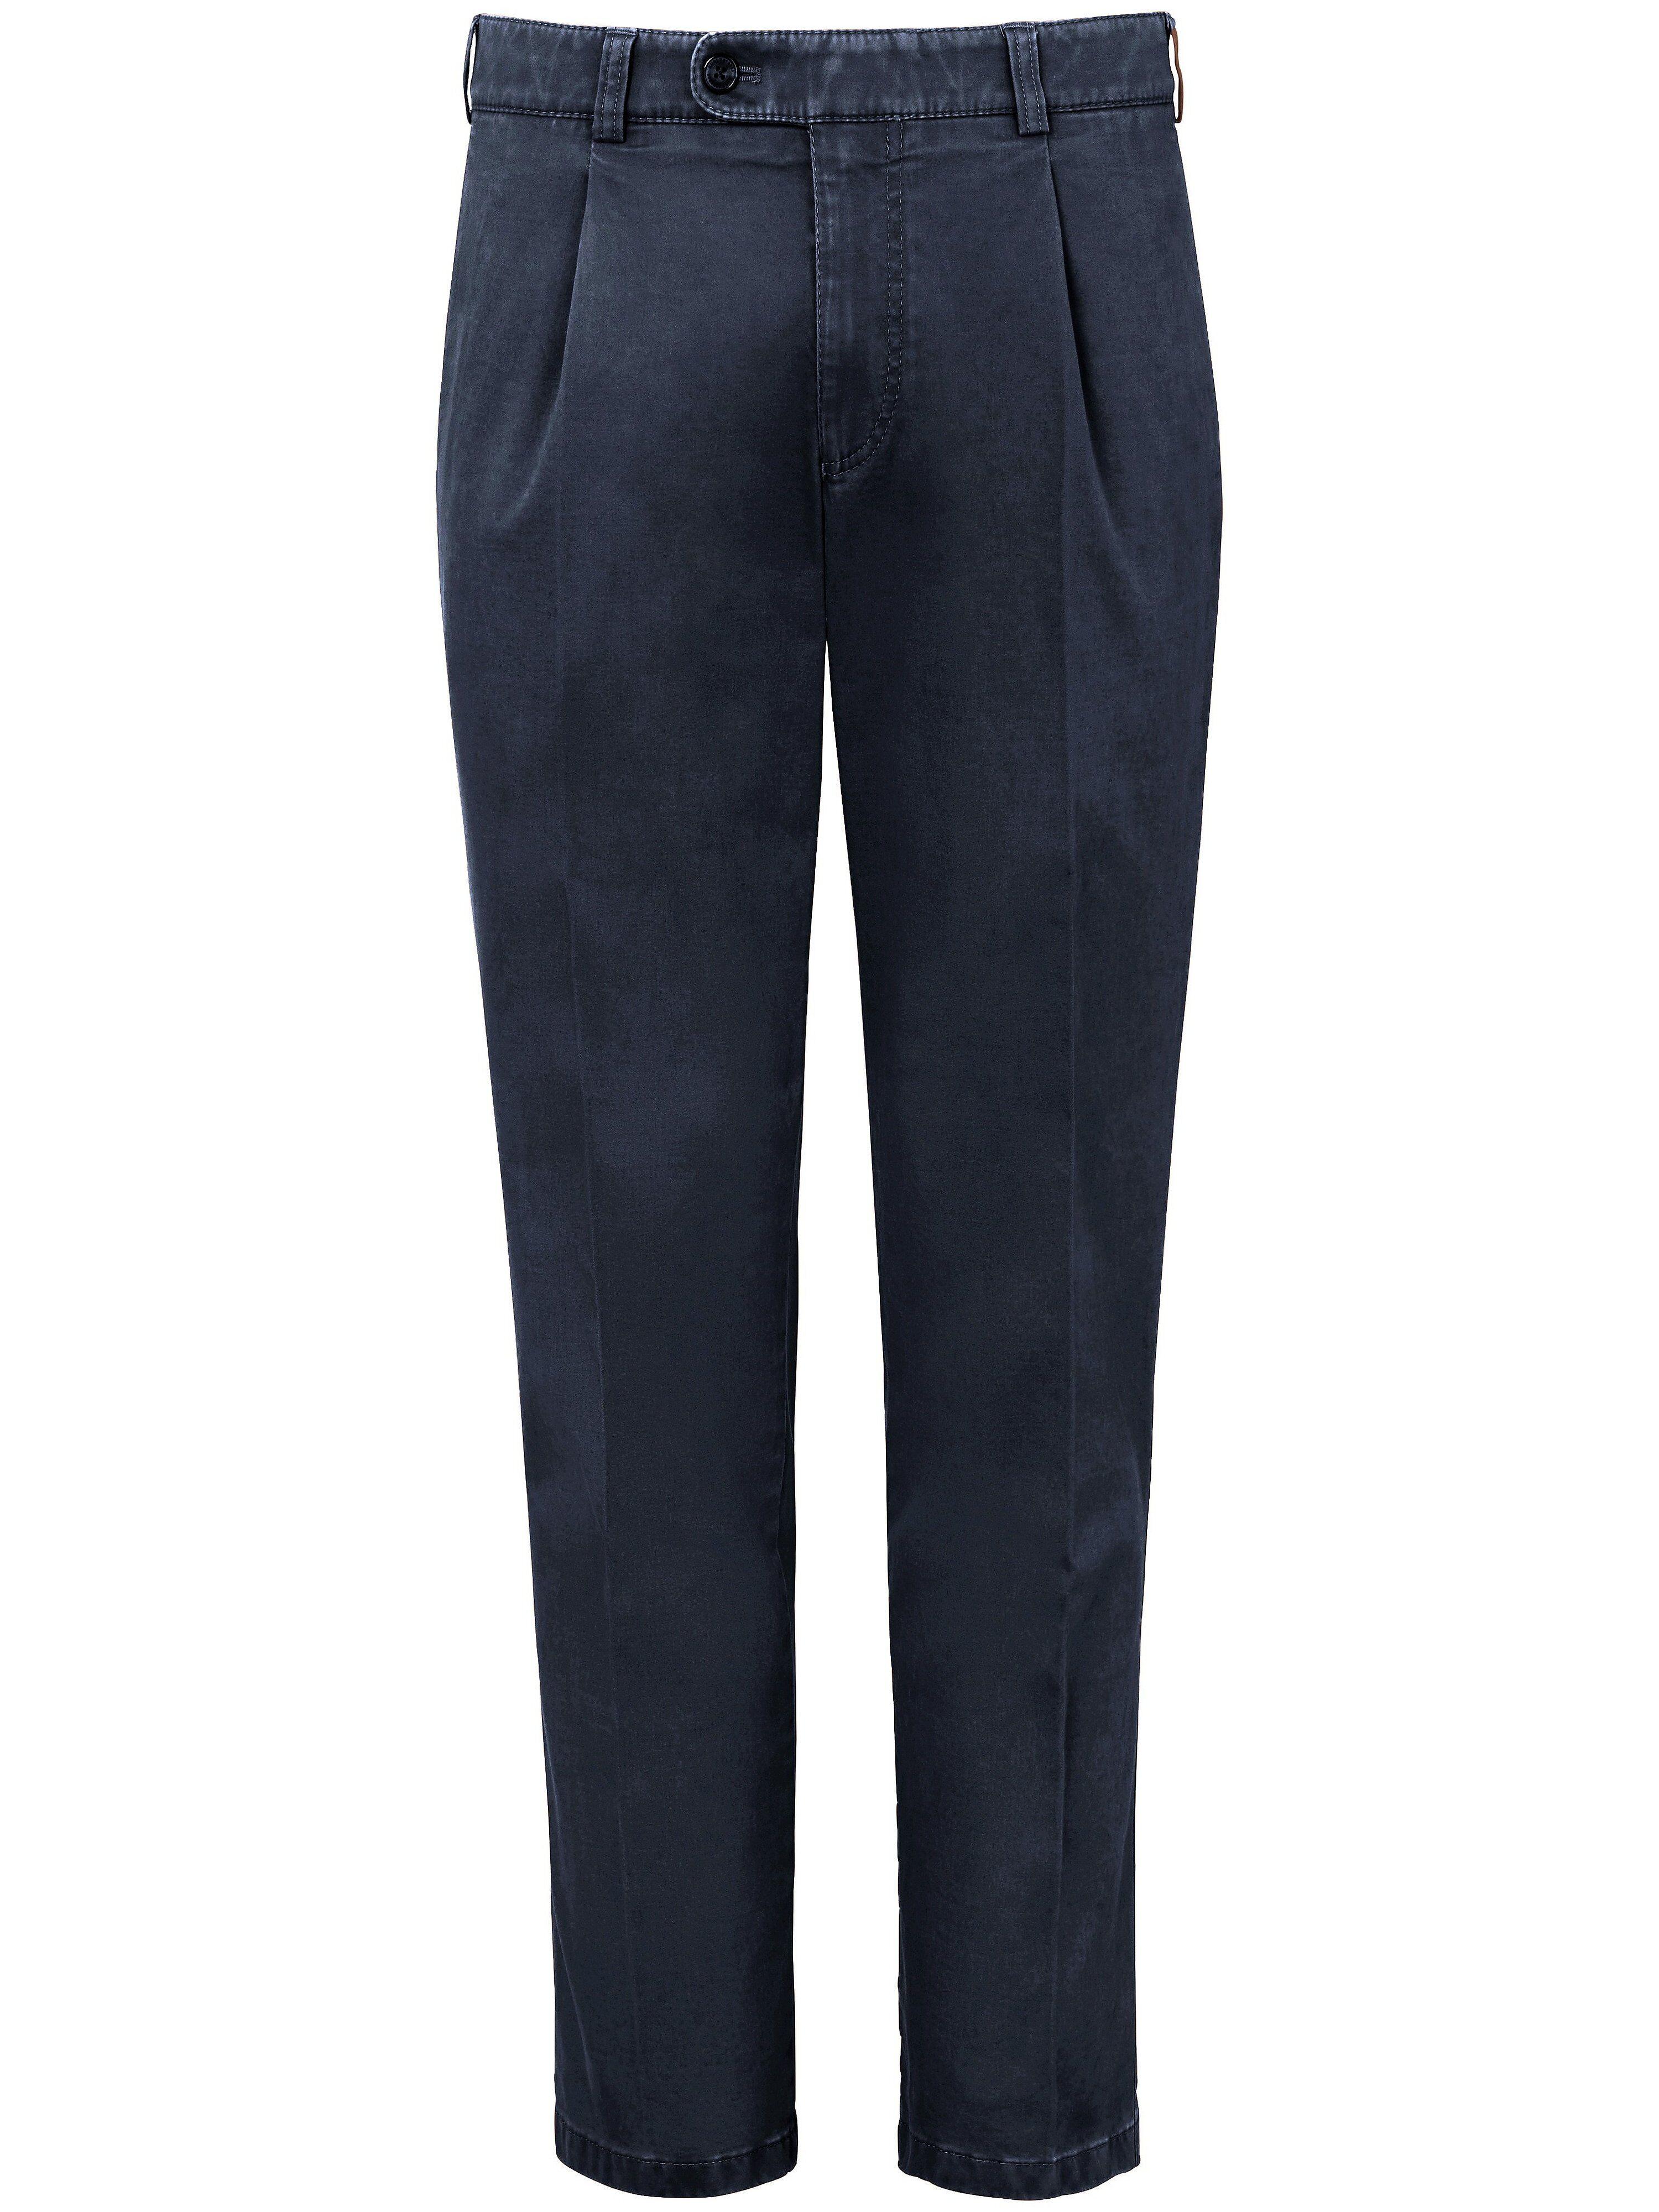 Brax Le pantalon chaud à pinces modèle Luis  Eurex by Brax denim  - Homme - 26